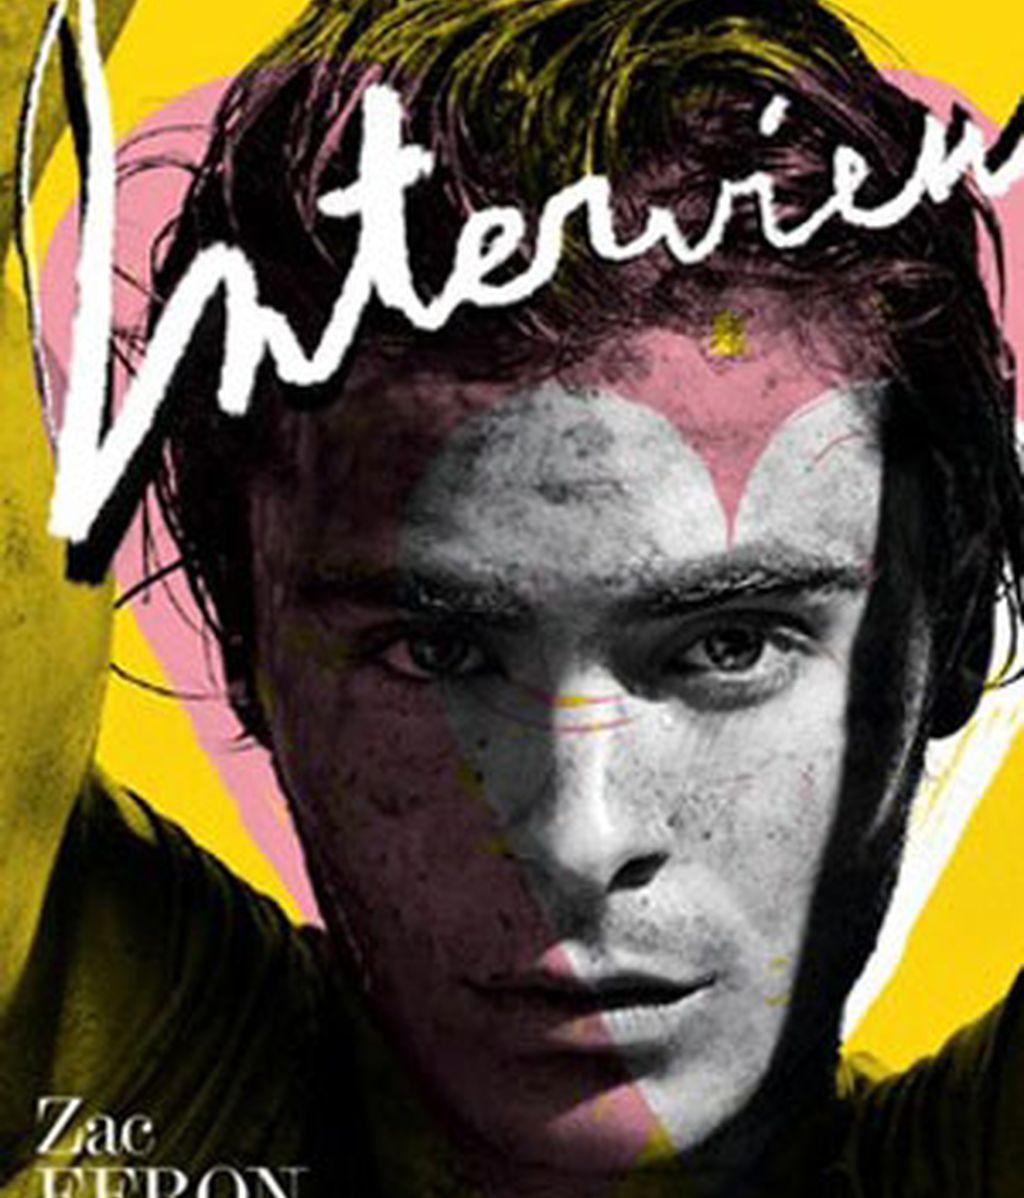 Zac Efron, revolcado en el lodo por 'Interview'